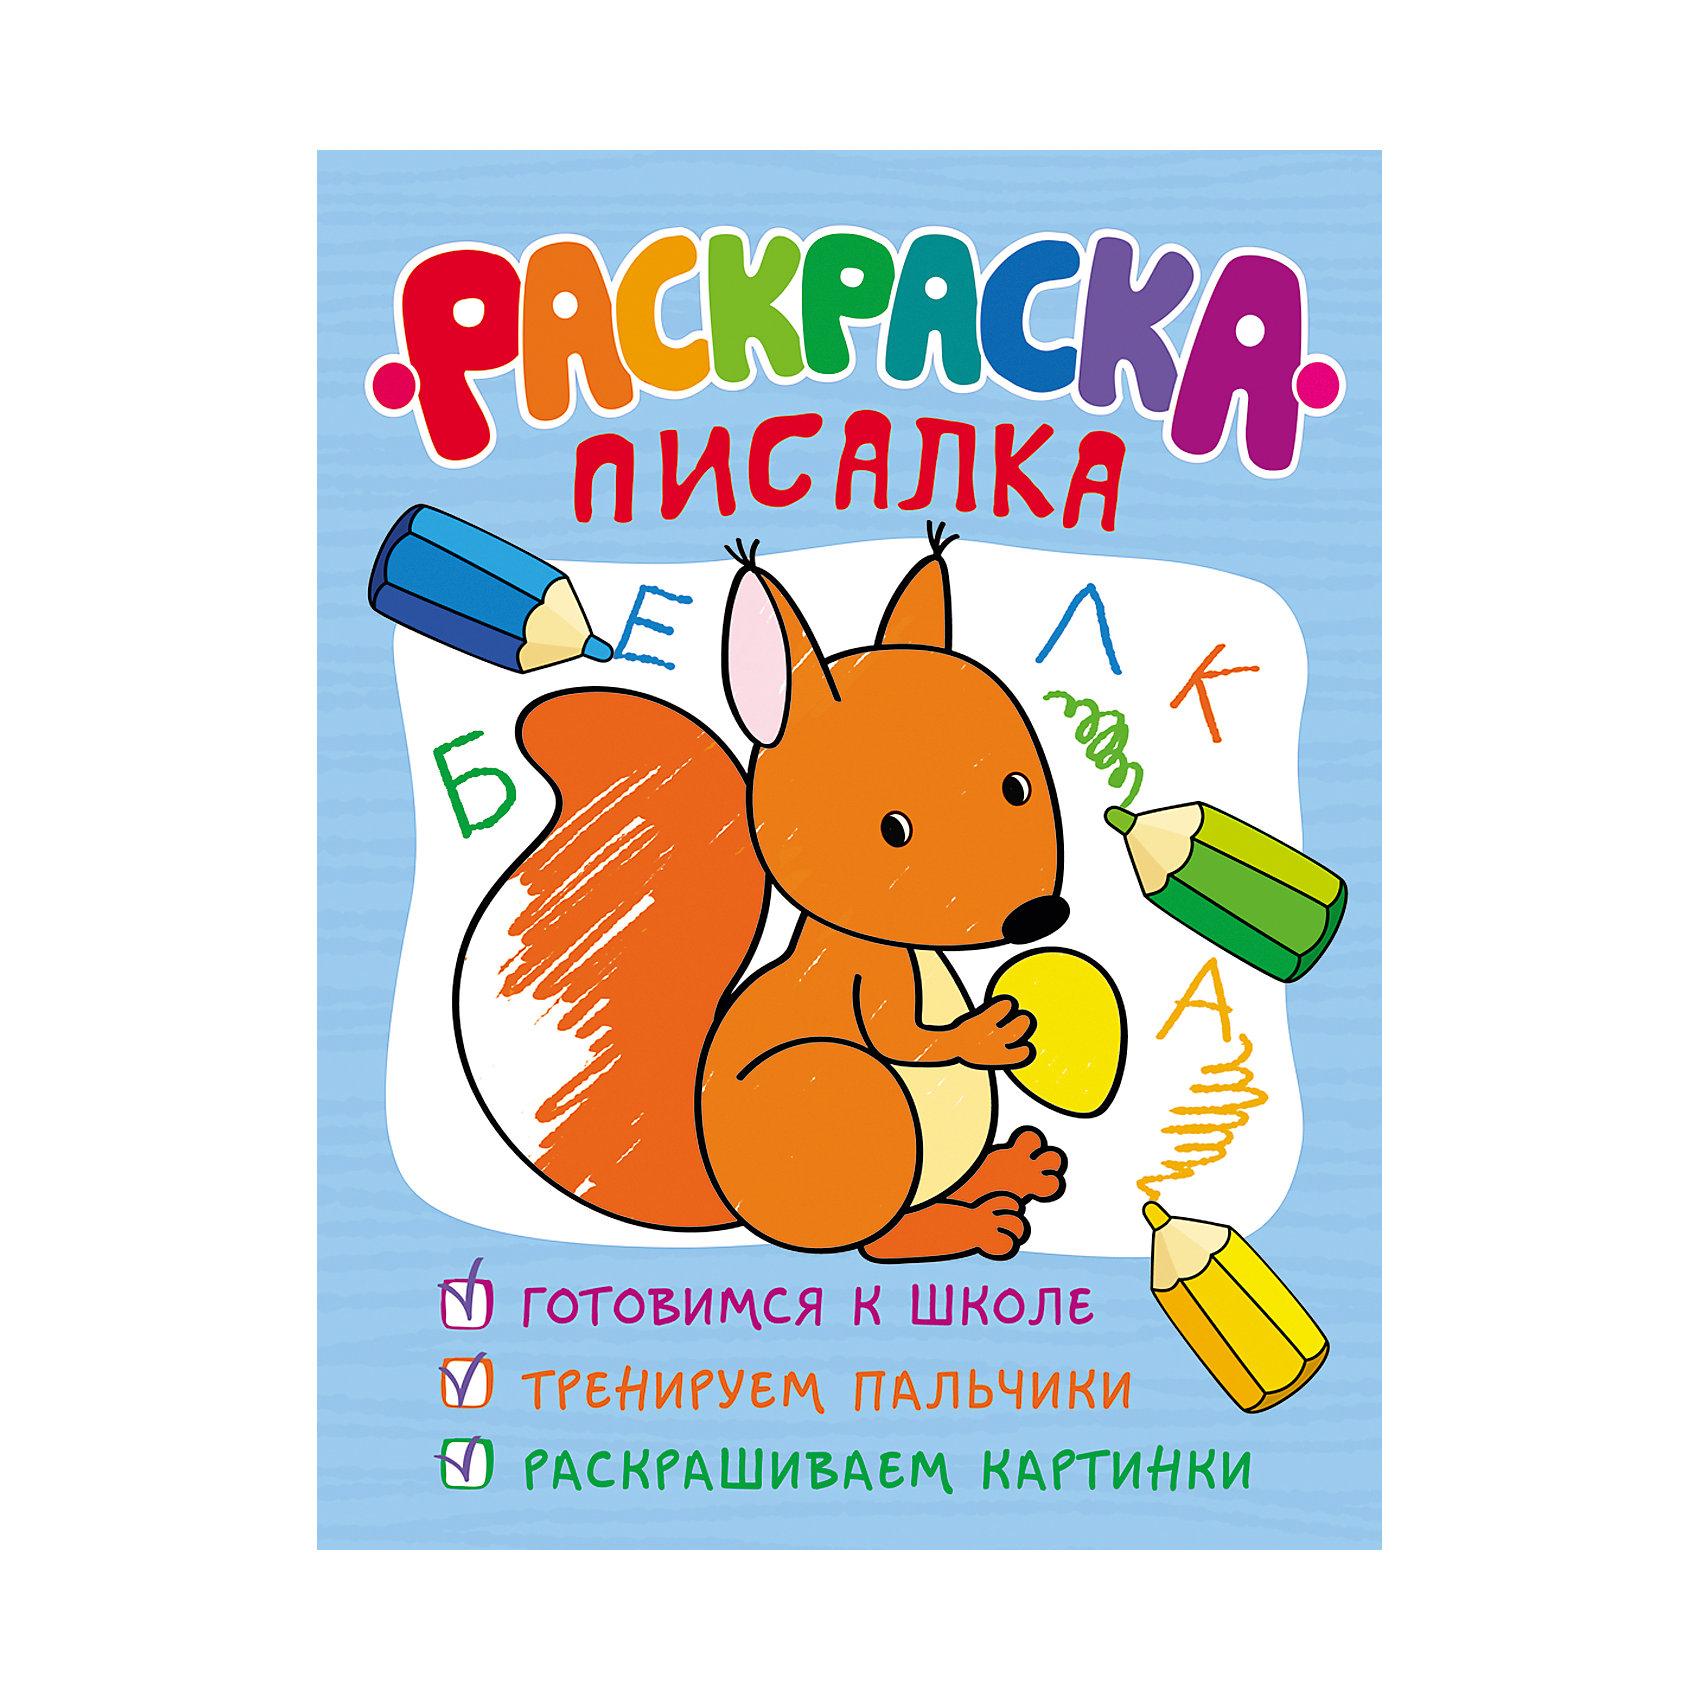 Раскраска-писалка (обучающие раскраски)Рисование<br>Характеристики товара:<br><br>- цвет: разноцветный;<br>- материал: бумага;<br>- страниц: 48;<br>- формат: 25 х 20 см;<br>- обложка: мягкая;<br>- развивающее издание.<br><br>Это интересное развивающее издание станет отличным подарком для родителей и ребенка. Оно содержит в себе задания в игровой форме, с помощью которых учиться писать гораздо проще. Всё представлено в очень простой форме! Это издание поможет привить любовь к учебе!<br>Такое обучение помогает ребенку развивать зрительную память, концентрацию внимания и воображение. Издание произведено из качественных материалов, которые безопасны даже для самых маленьких.<br><br>Издание Раскраска-писалка (обучающие раскраски) от компании Росмэн можно купить в нашем интернет-магазине.<br><br>Ширина мм: 255<br>Глубина мм: 196<br>Высота мм: 3<br>Вес г: 168<br>Возраст от месяцев: 36<br>Возраст до месяцев: 72<br>Пол: Унисекс<br>Возраст: Детский<br>SKU: 5110022